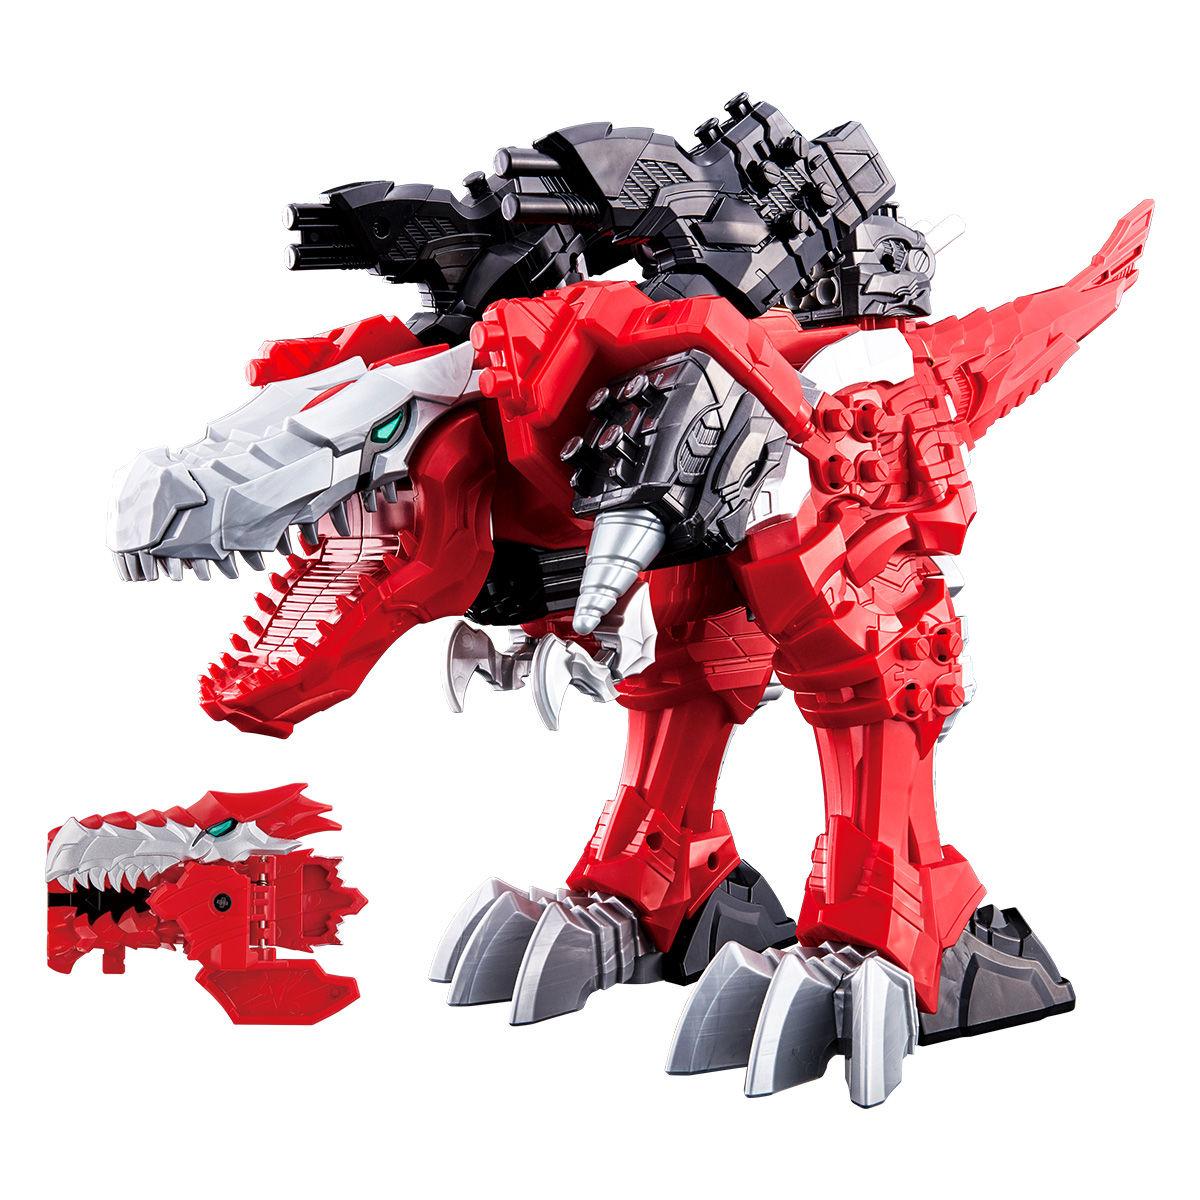 騎士竜戦隊リュウソウジャー『騎士竜シリーズ01 竜装合体 DXキシリュウオー』可変可動フィギュア-001